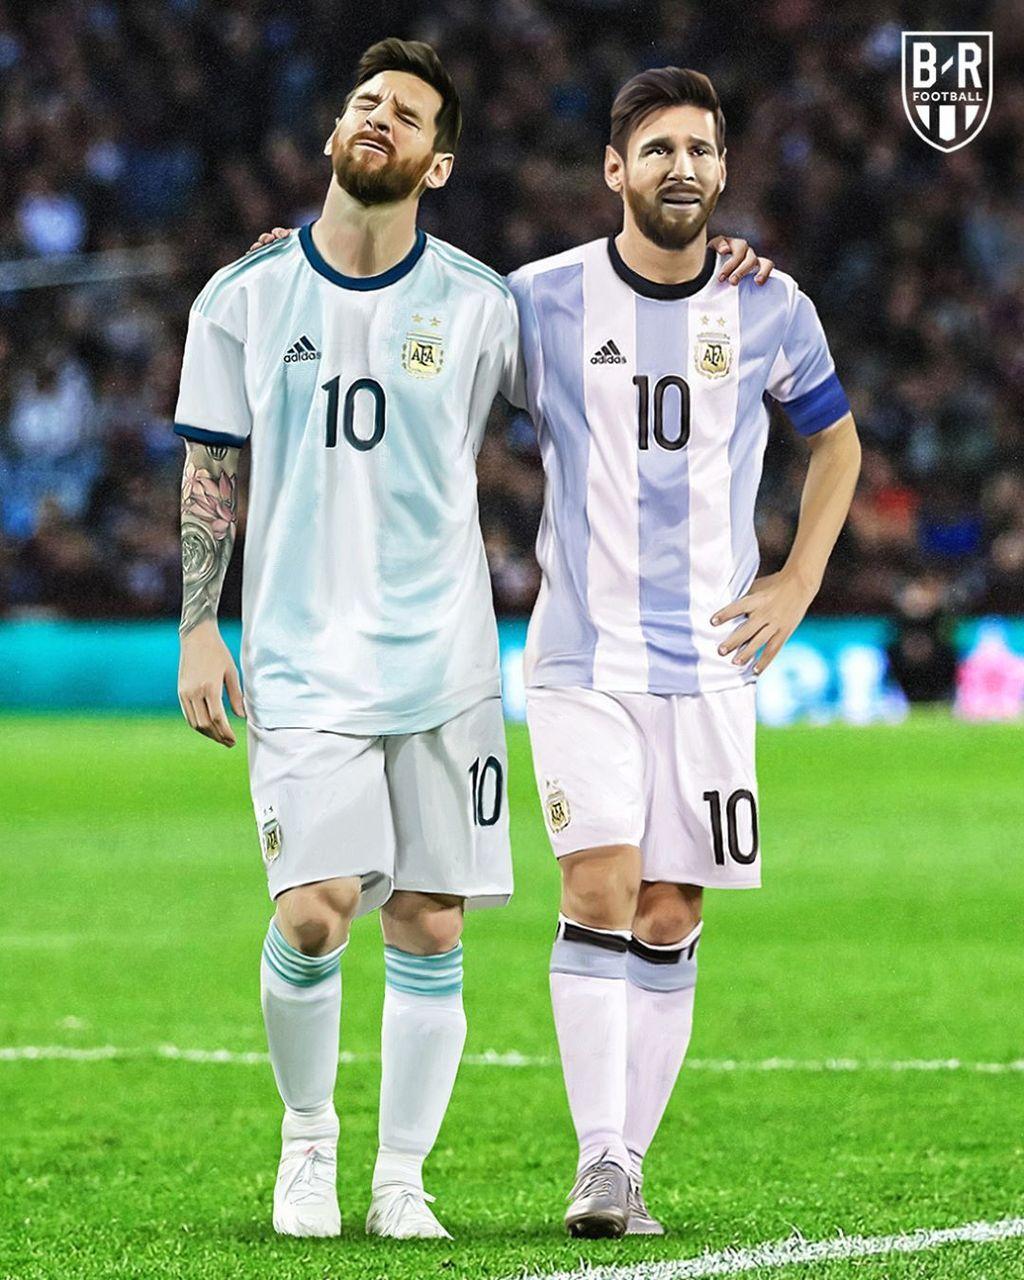 Kekalahan Argentina tentunya jadi memperparah luka Lionel Messi yang terus-terusan gagal di ajang internasional di level senior. Foto: Instagram/brfootball